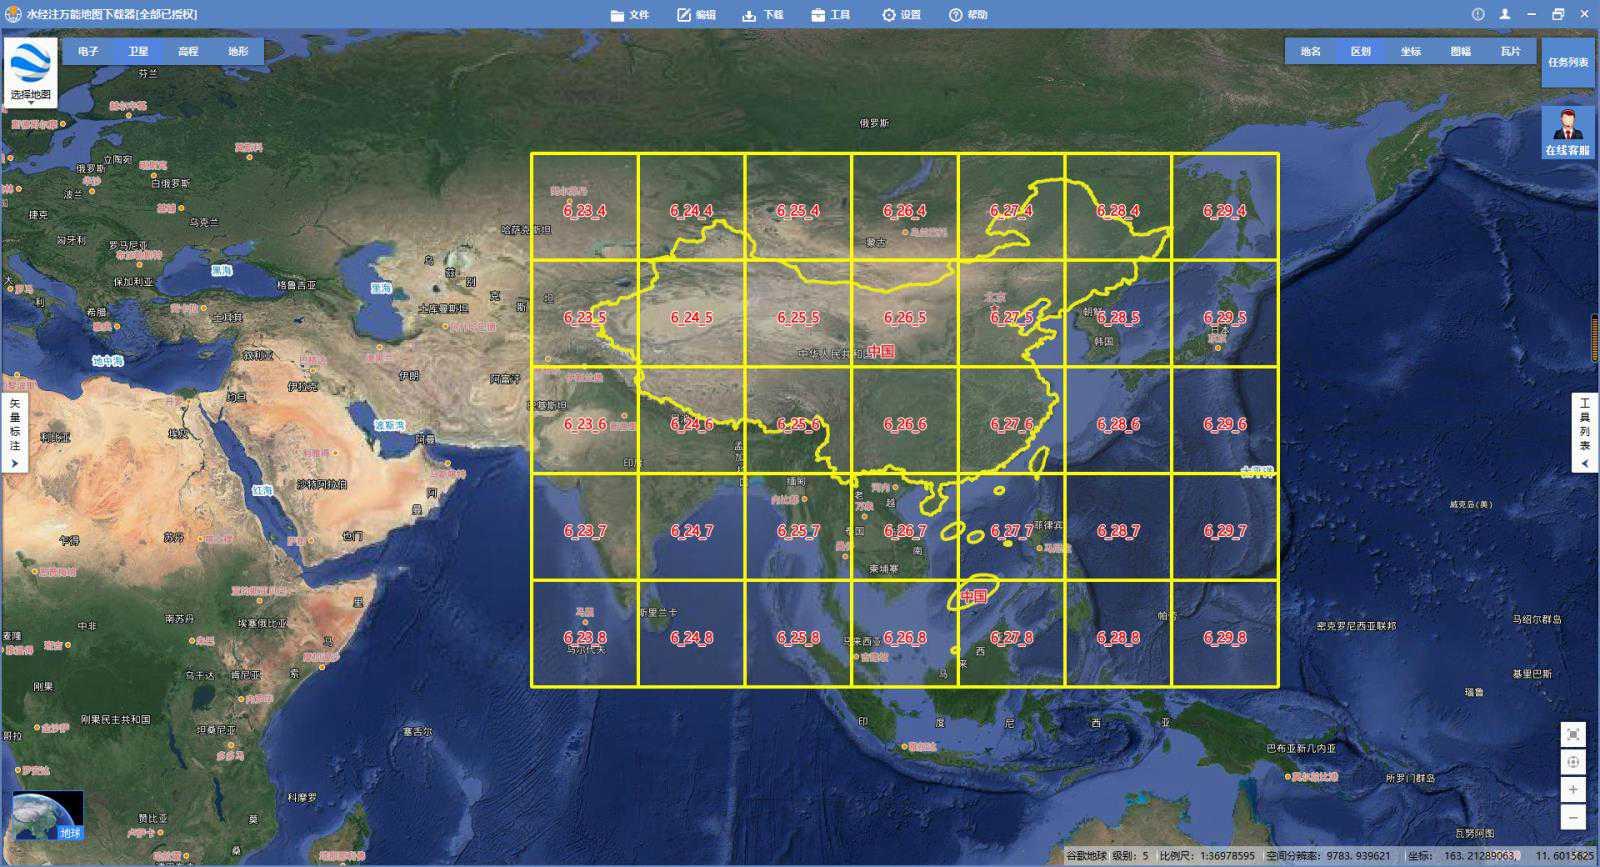 06高程接图表与卫星影像叠加.jpg